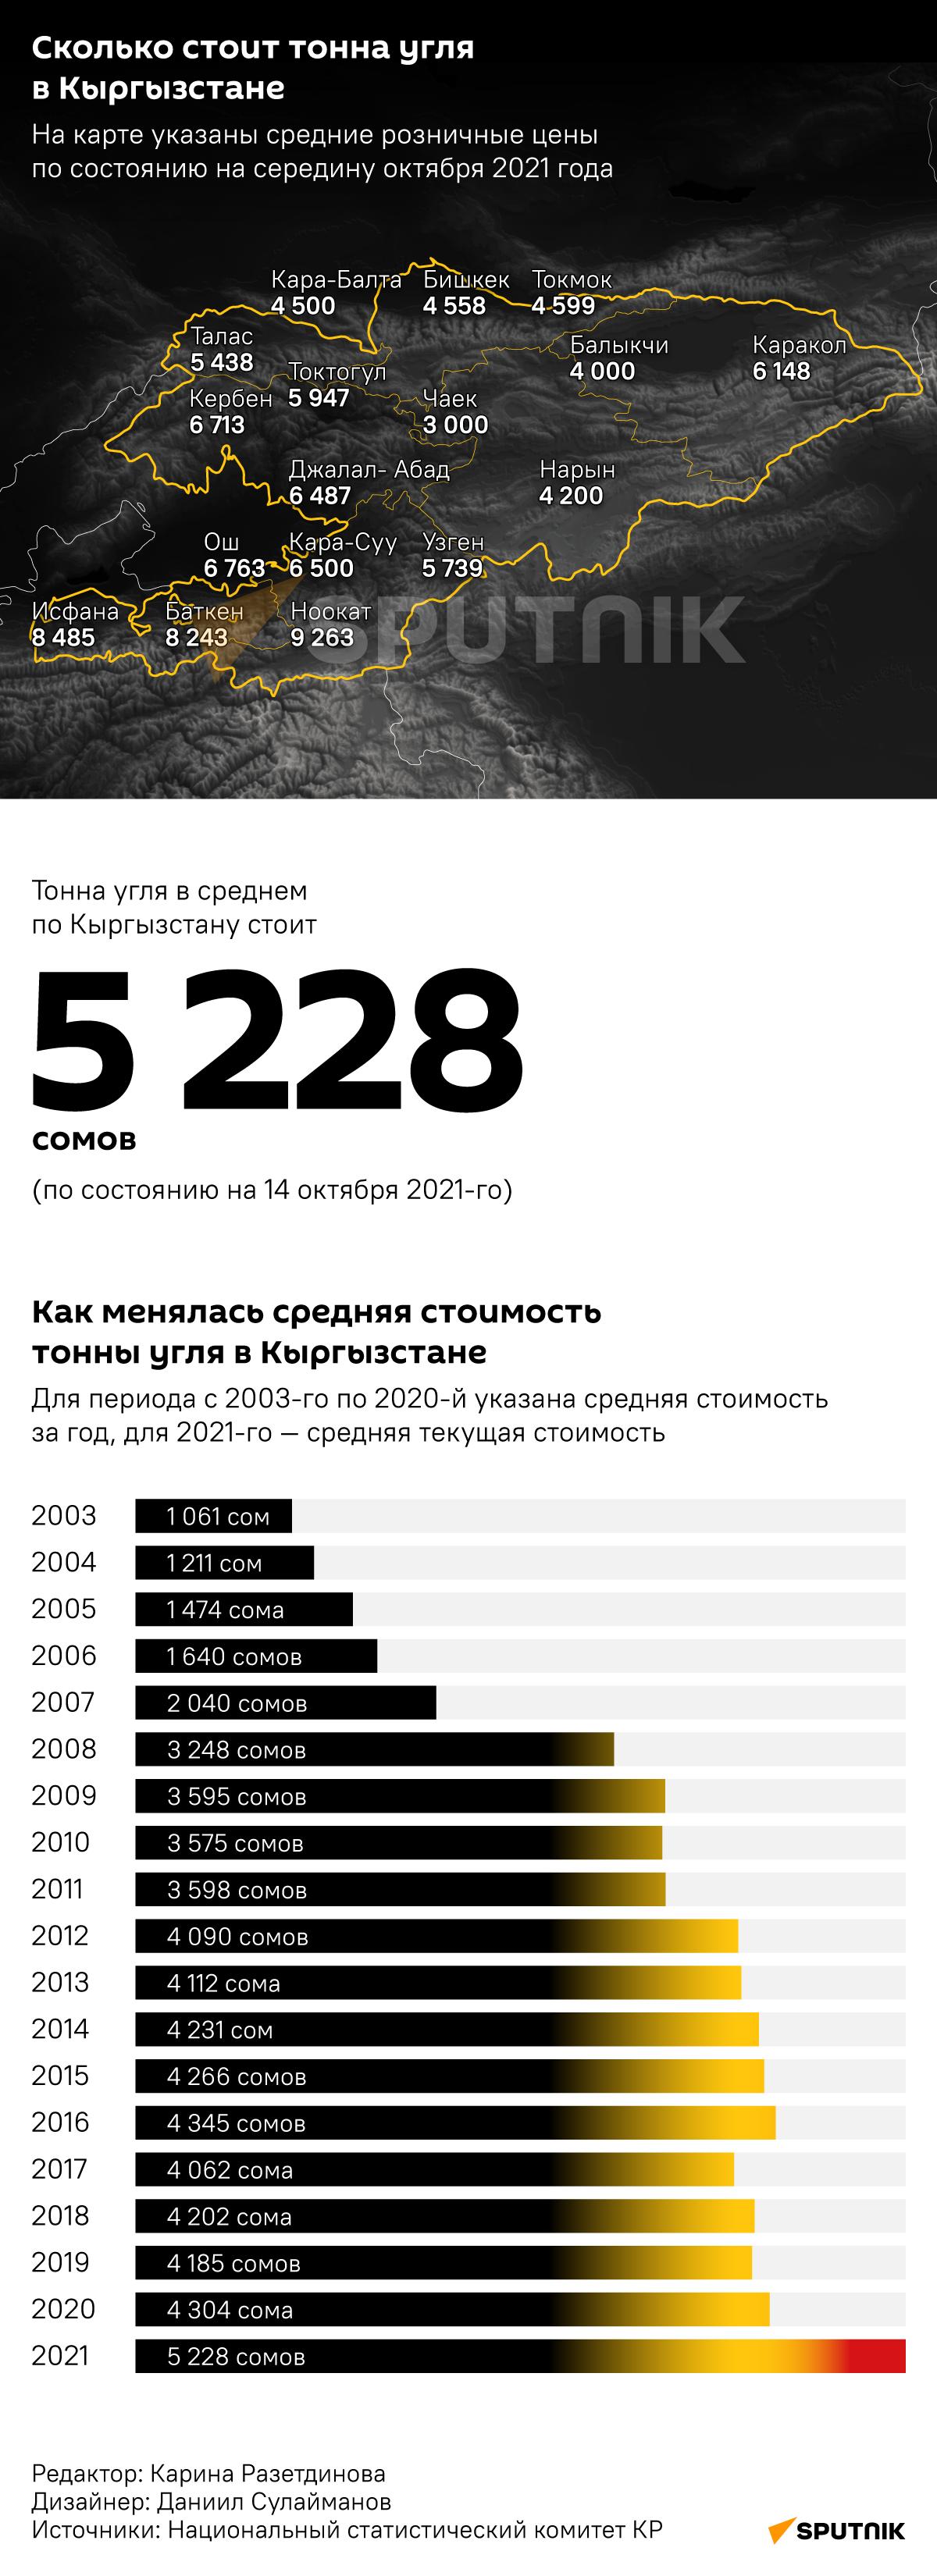 Сколько стоит тонна угля в Кыргызстане